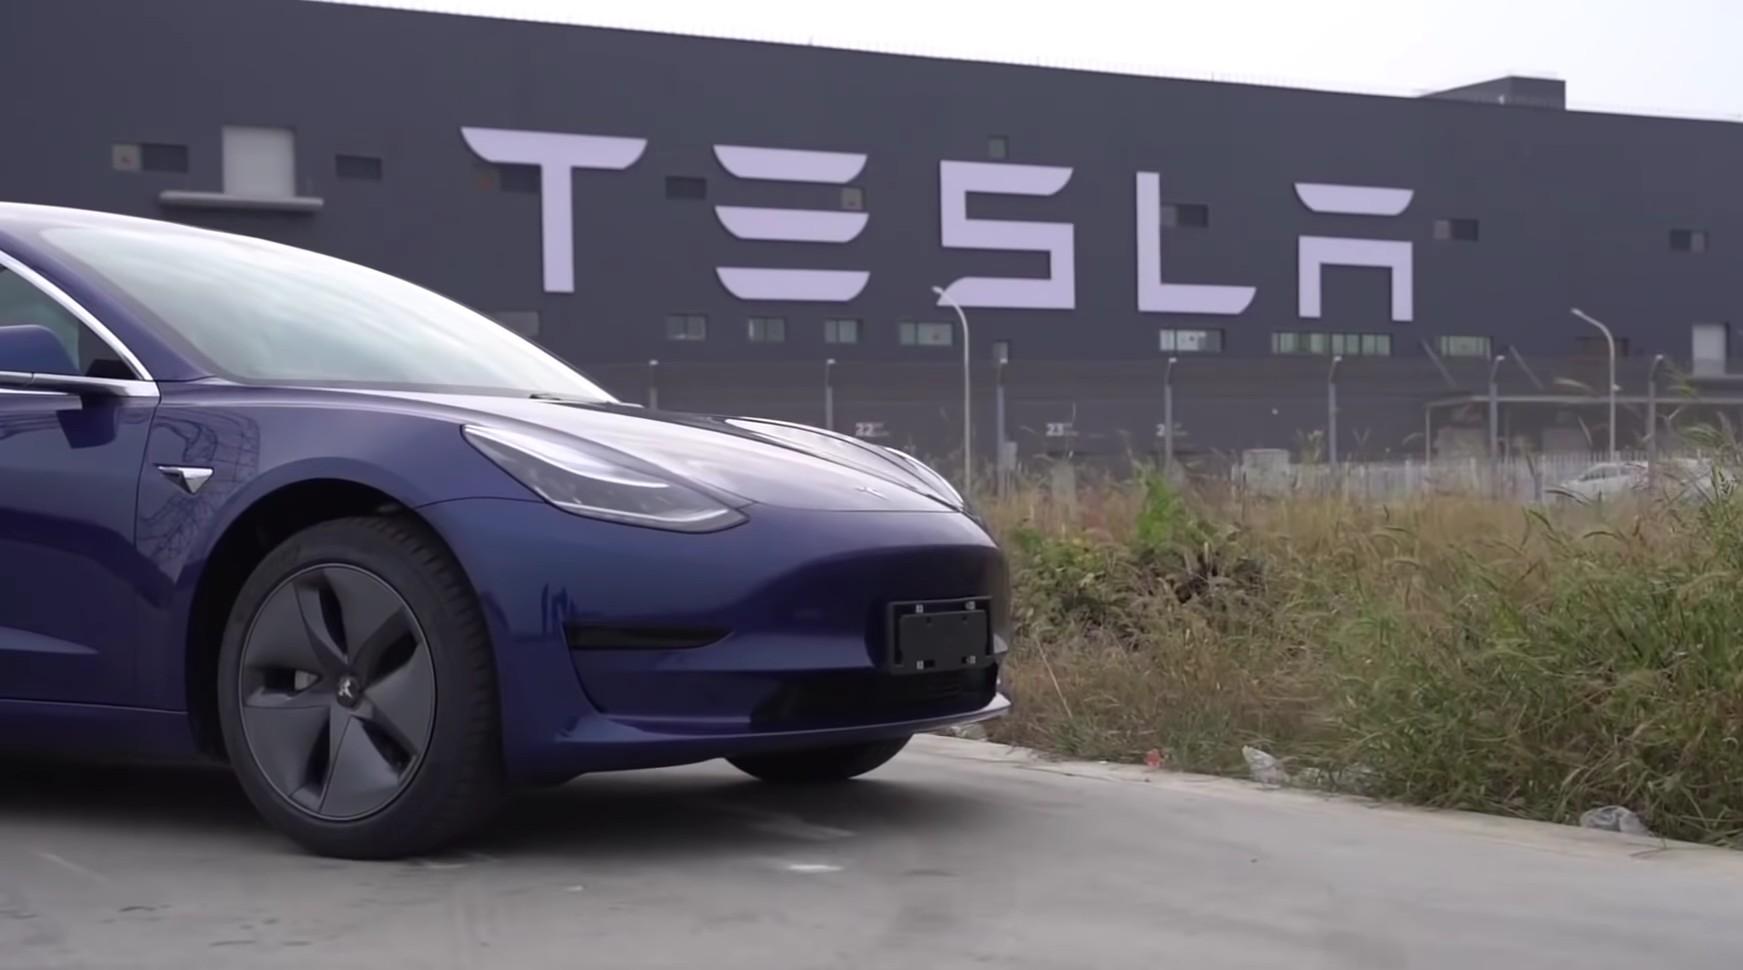 Tesla China будет хранить данные о транспортных средствах локально, предоставляя водителям доступ к ним